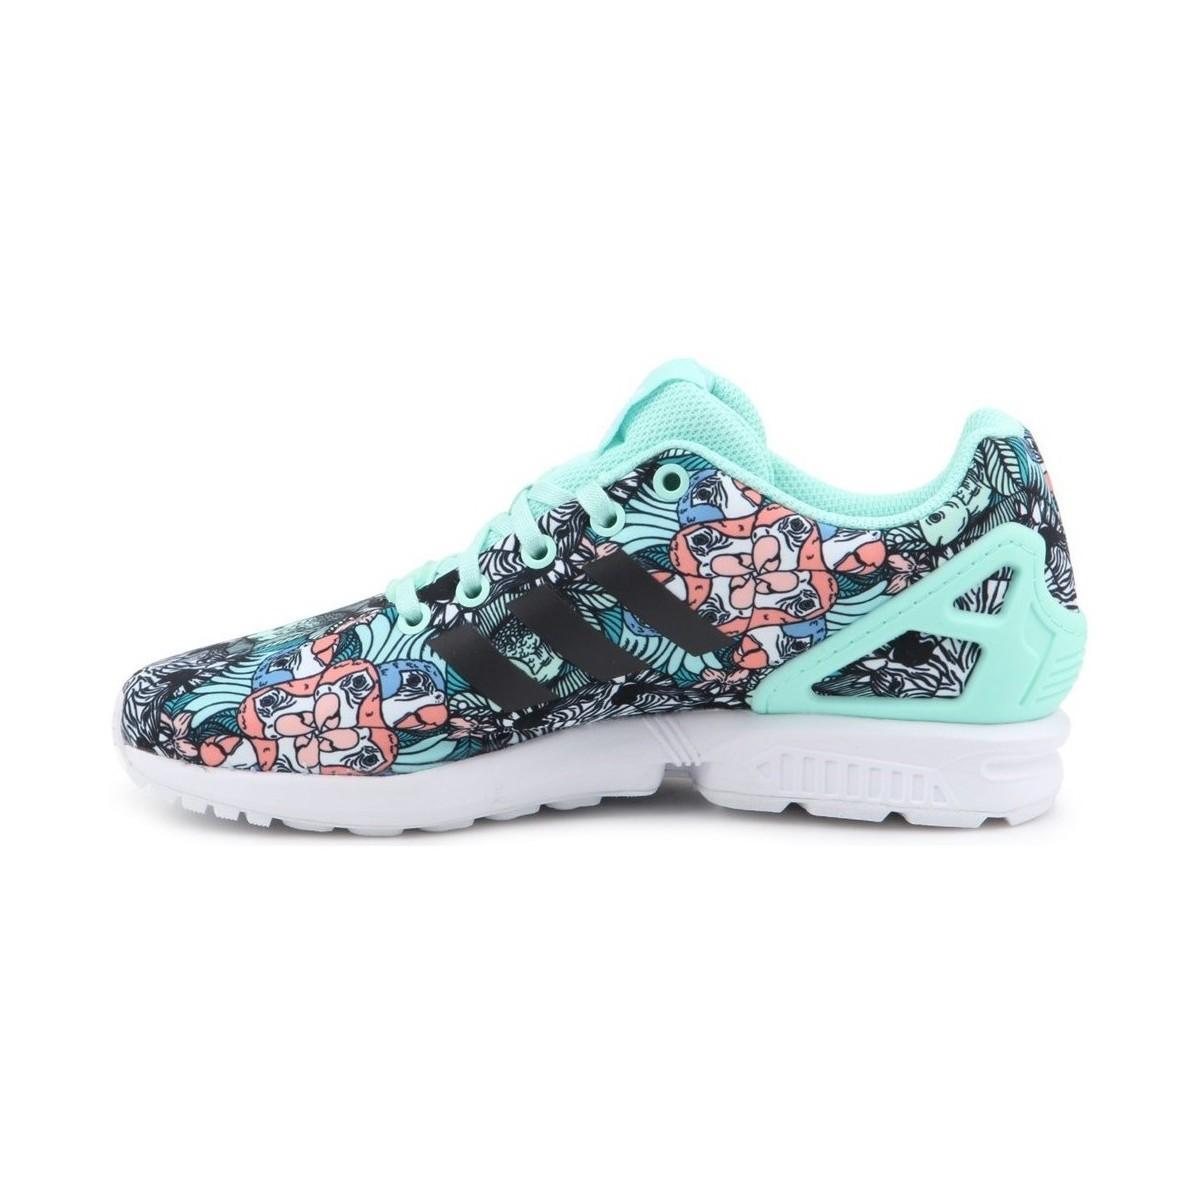 ZX Flux J Chaussures adidas en coloris Bleu